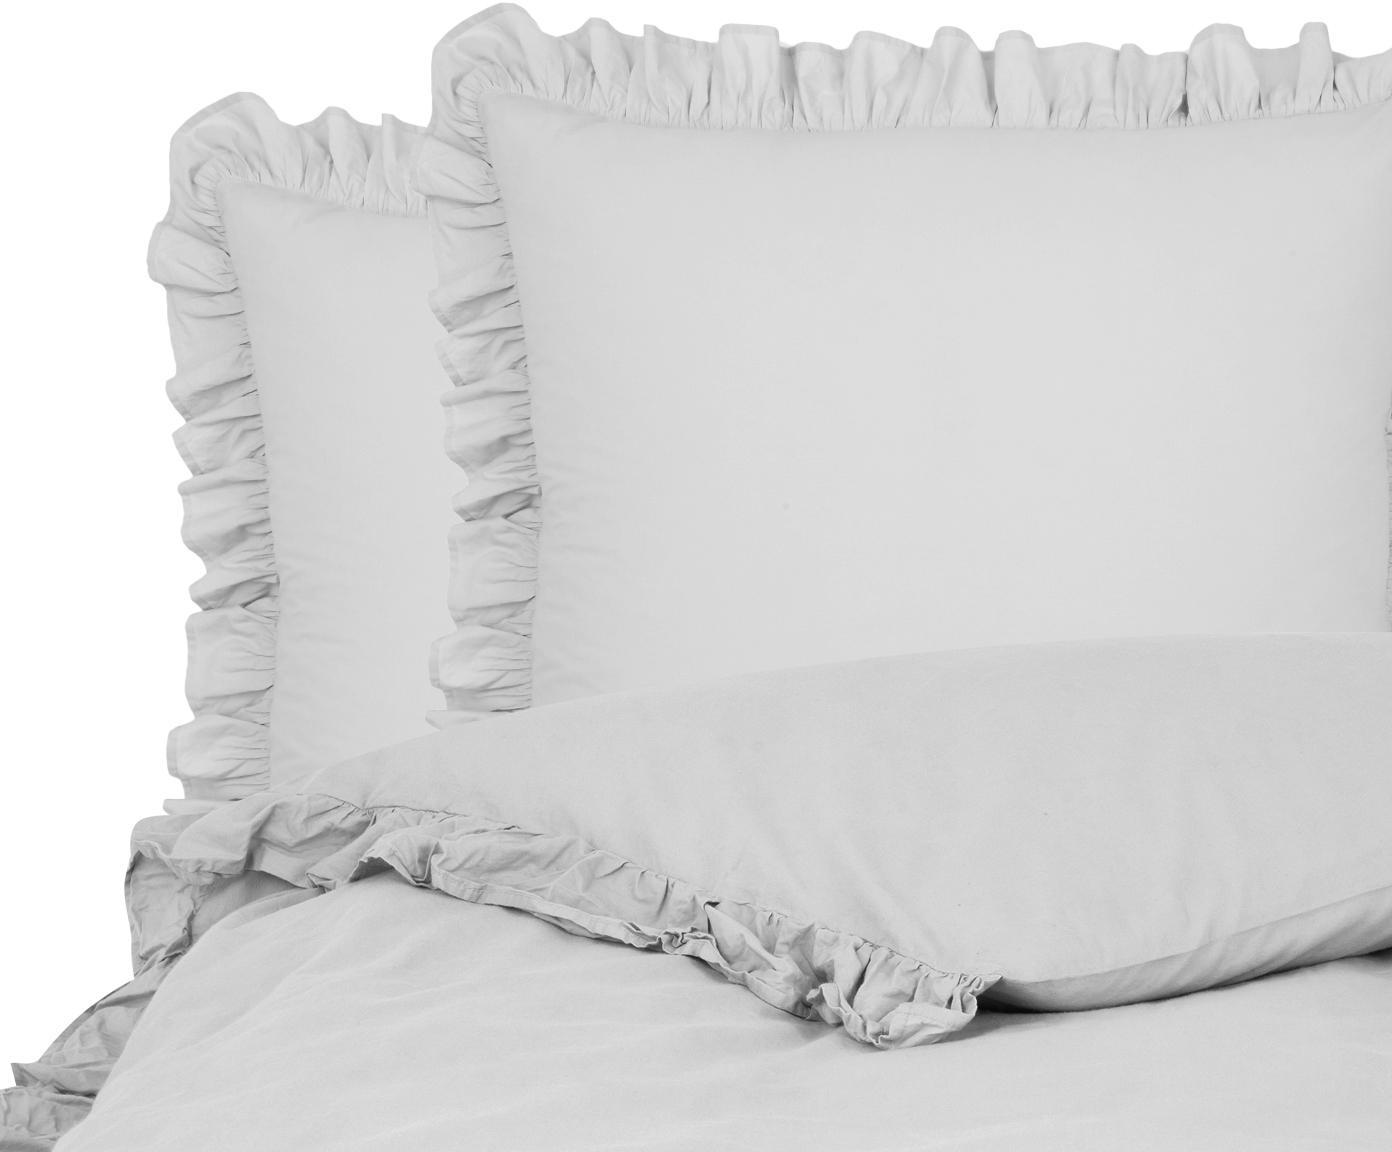 Gewaschene Baumwoll-Bettwäsche Florence mit Rüschen, Webart: Perkal Fadendichte 180 TC, Hellgrau, 200 x 200 cm + 2 Kissen 80 x 80 cm